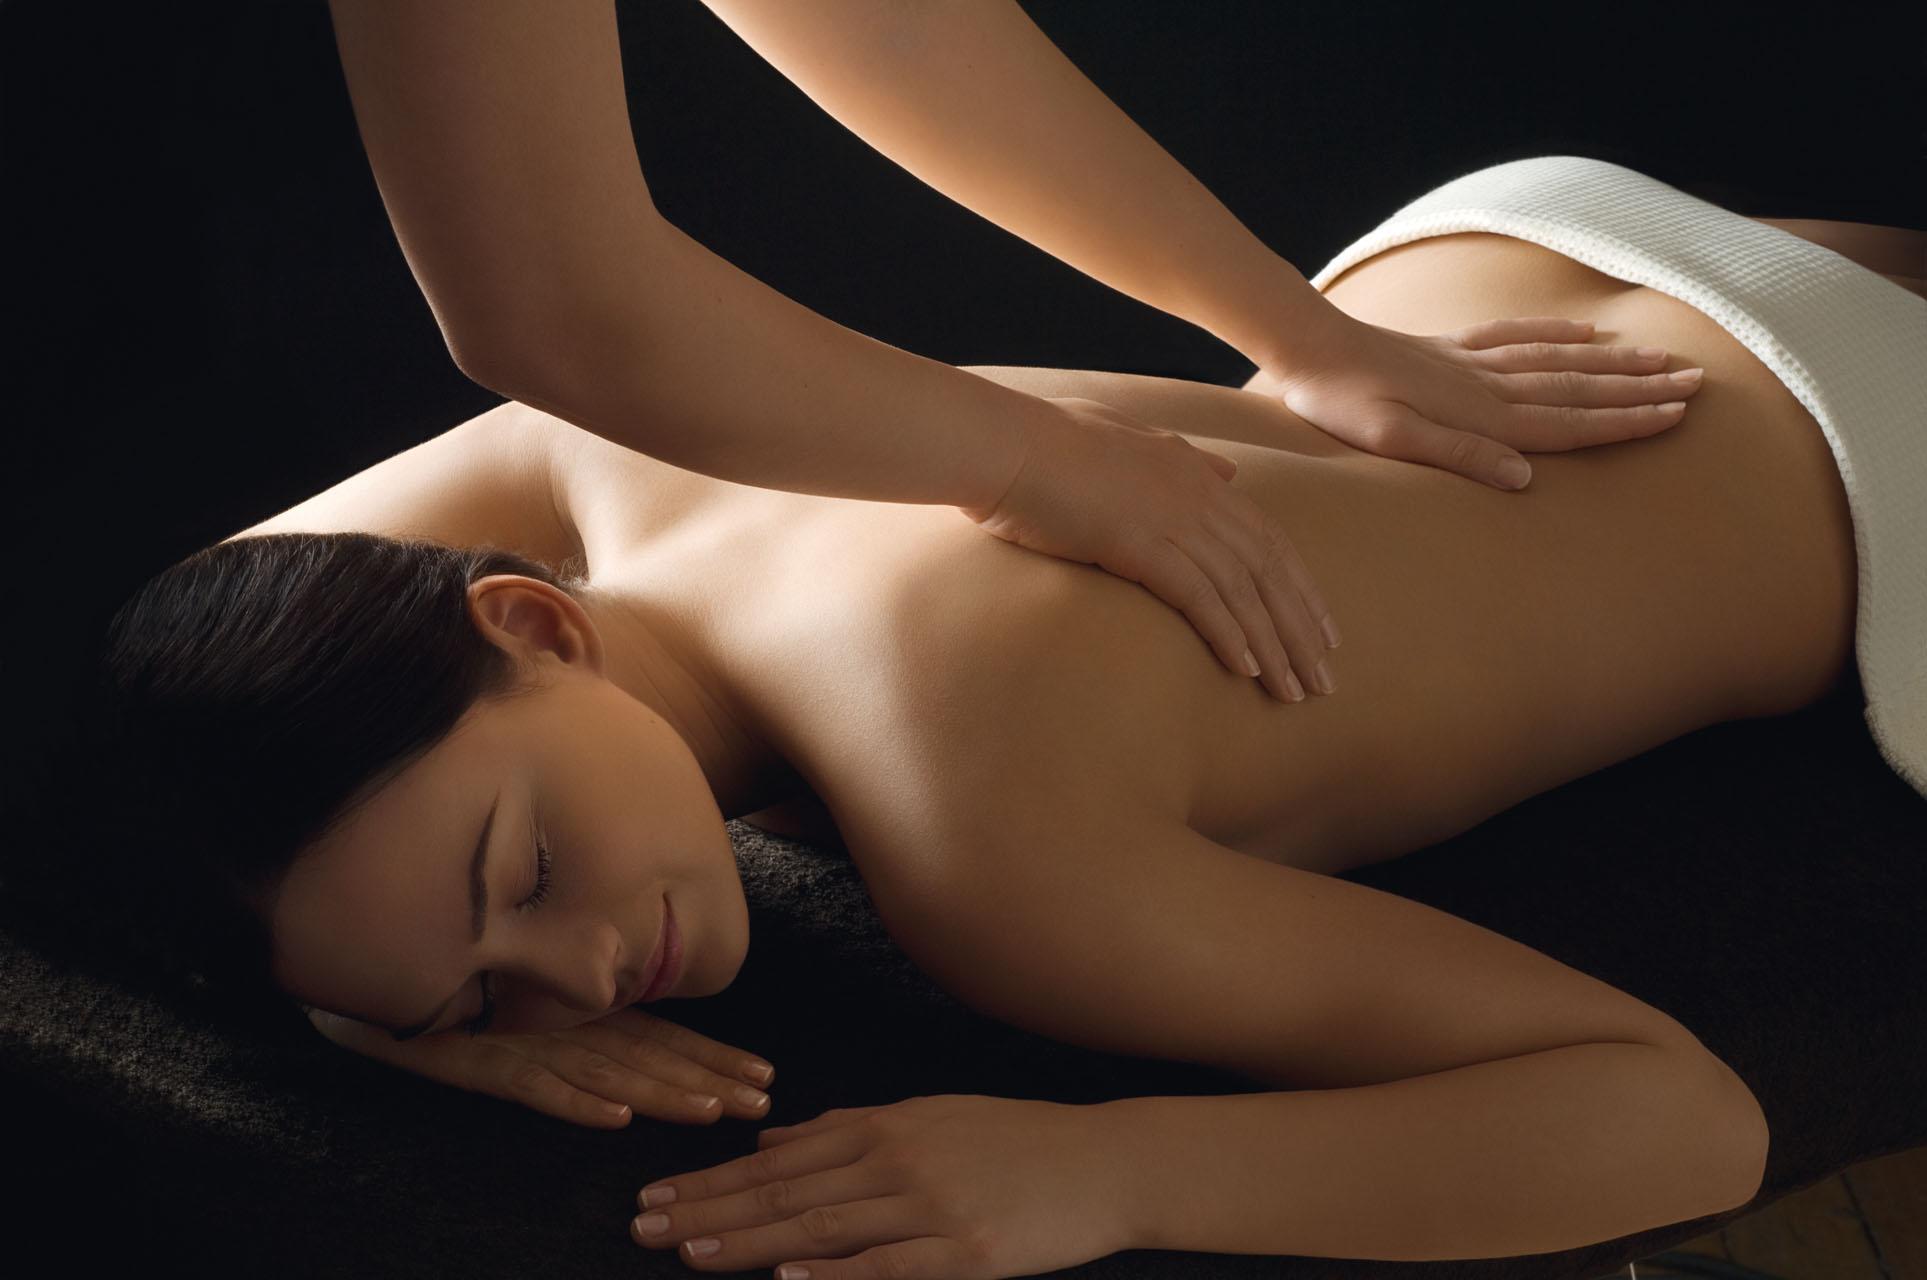 kachestvennoe-video-eroticheskogo-intimniy-massazh